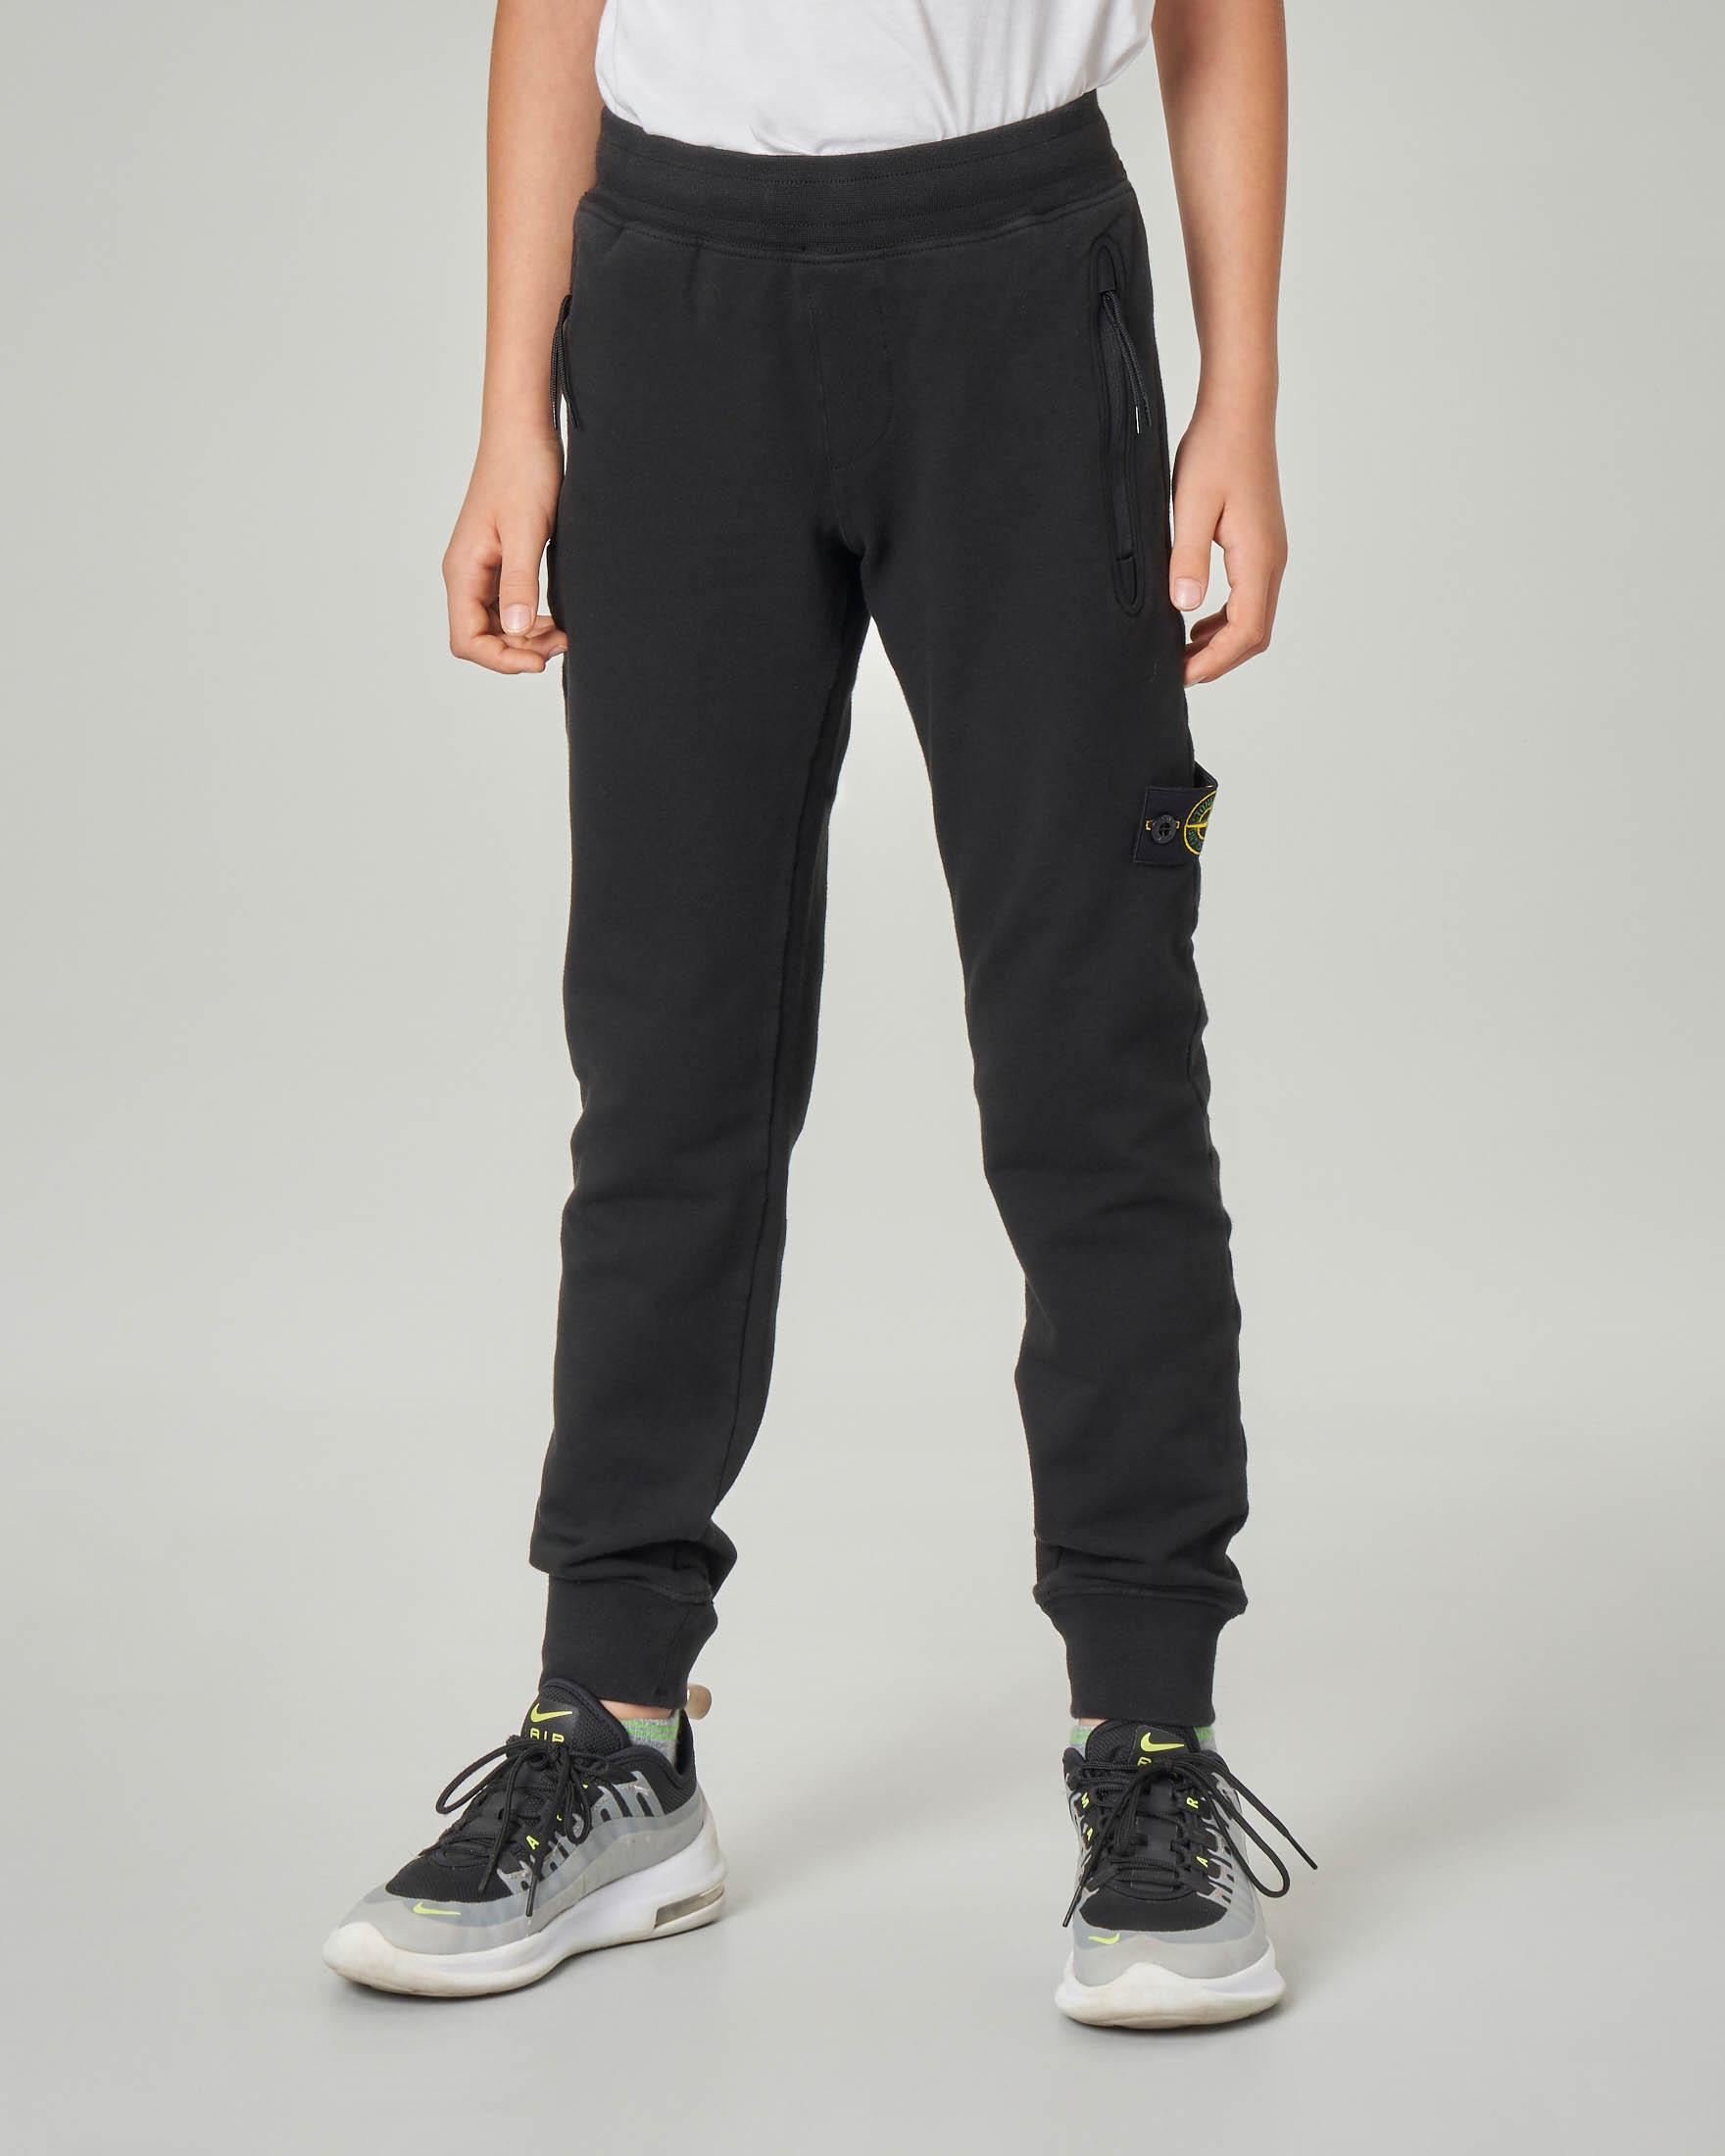 Pantalone nero in felpa in cotone stretch 10-12 anni